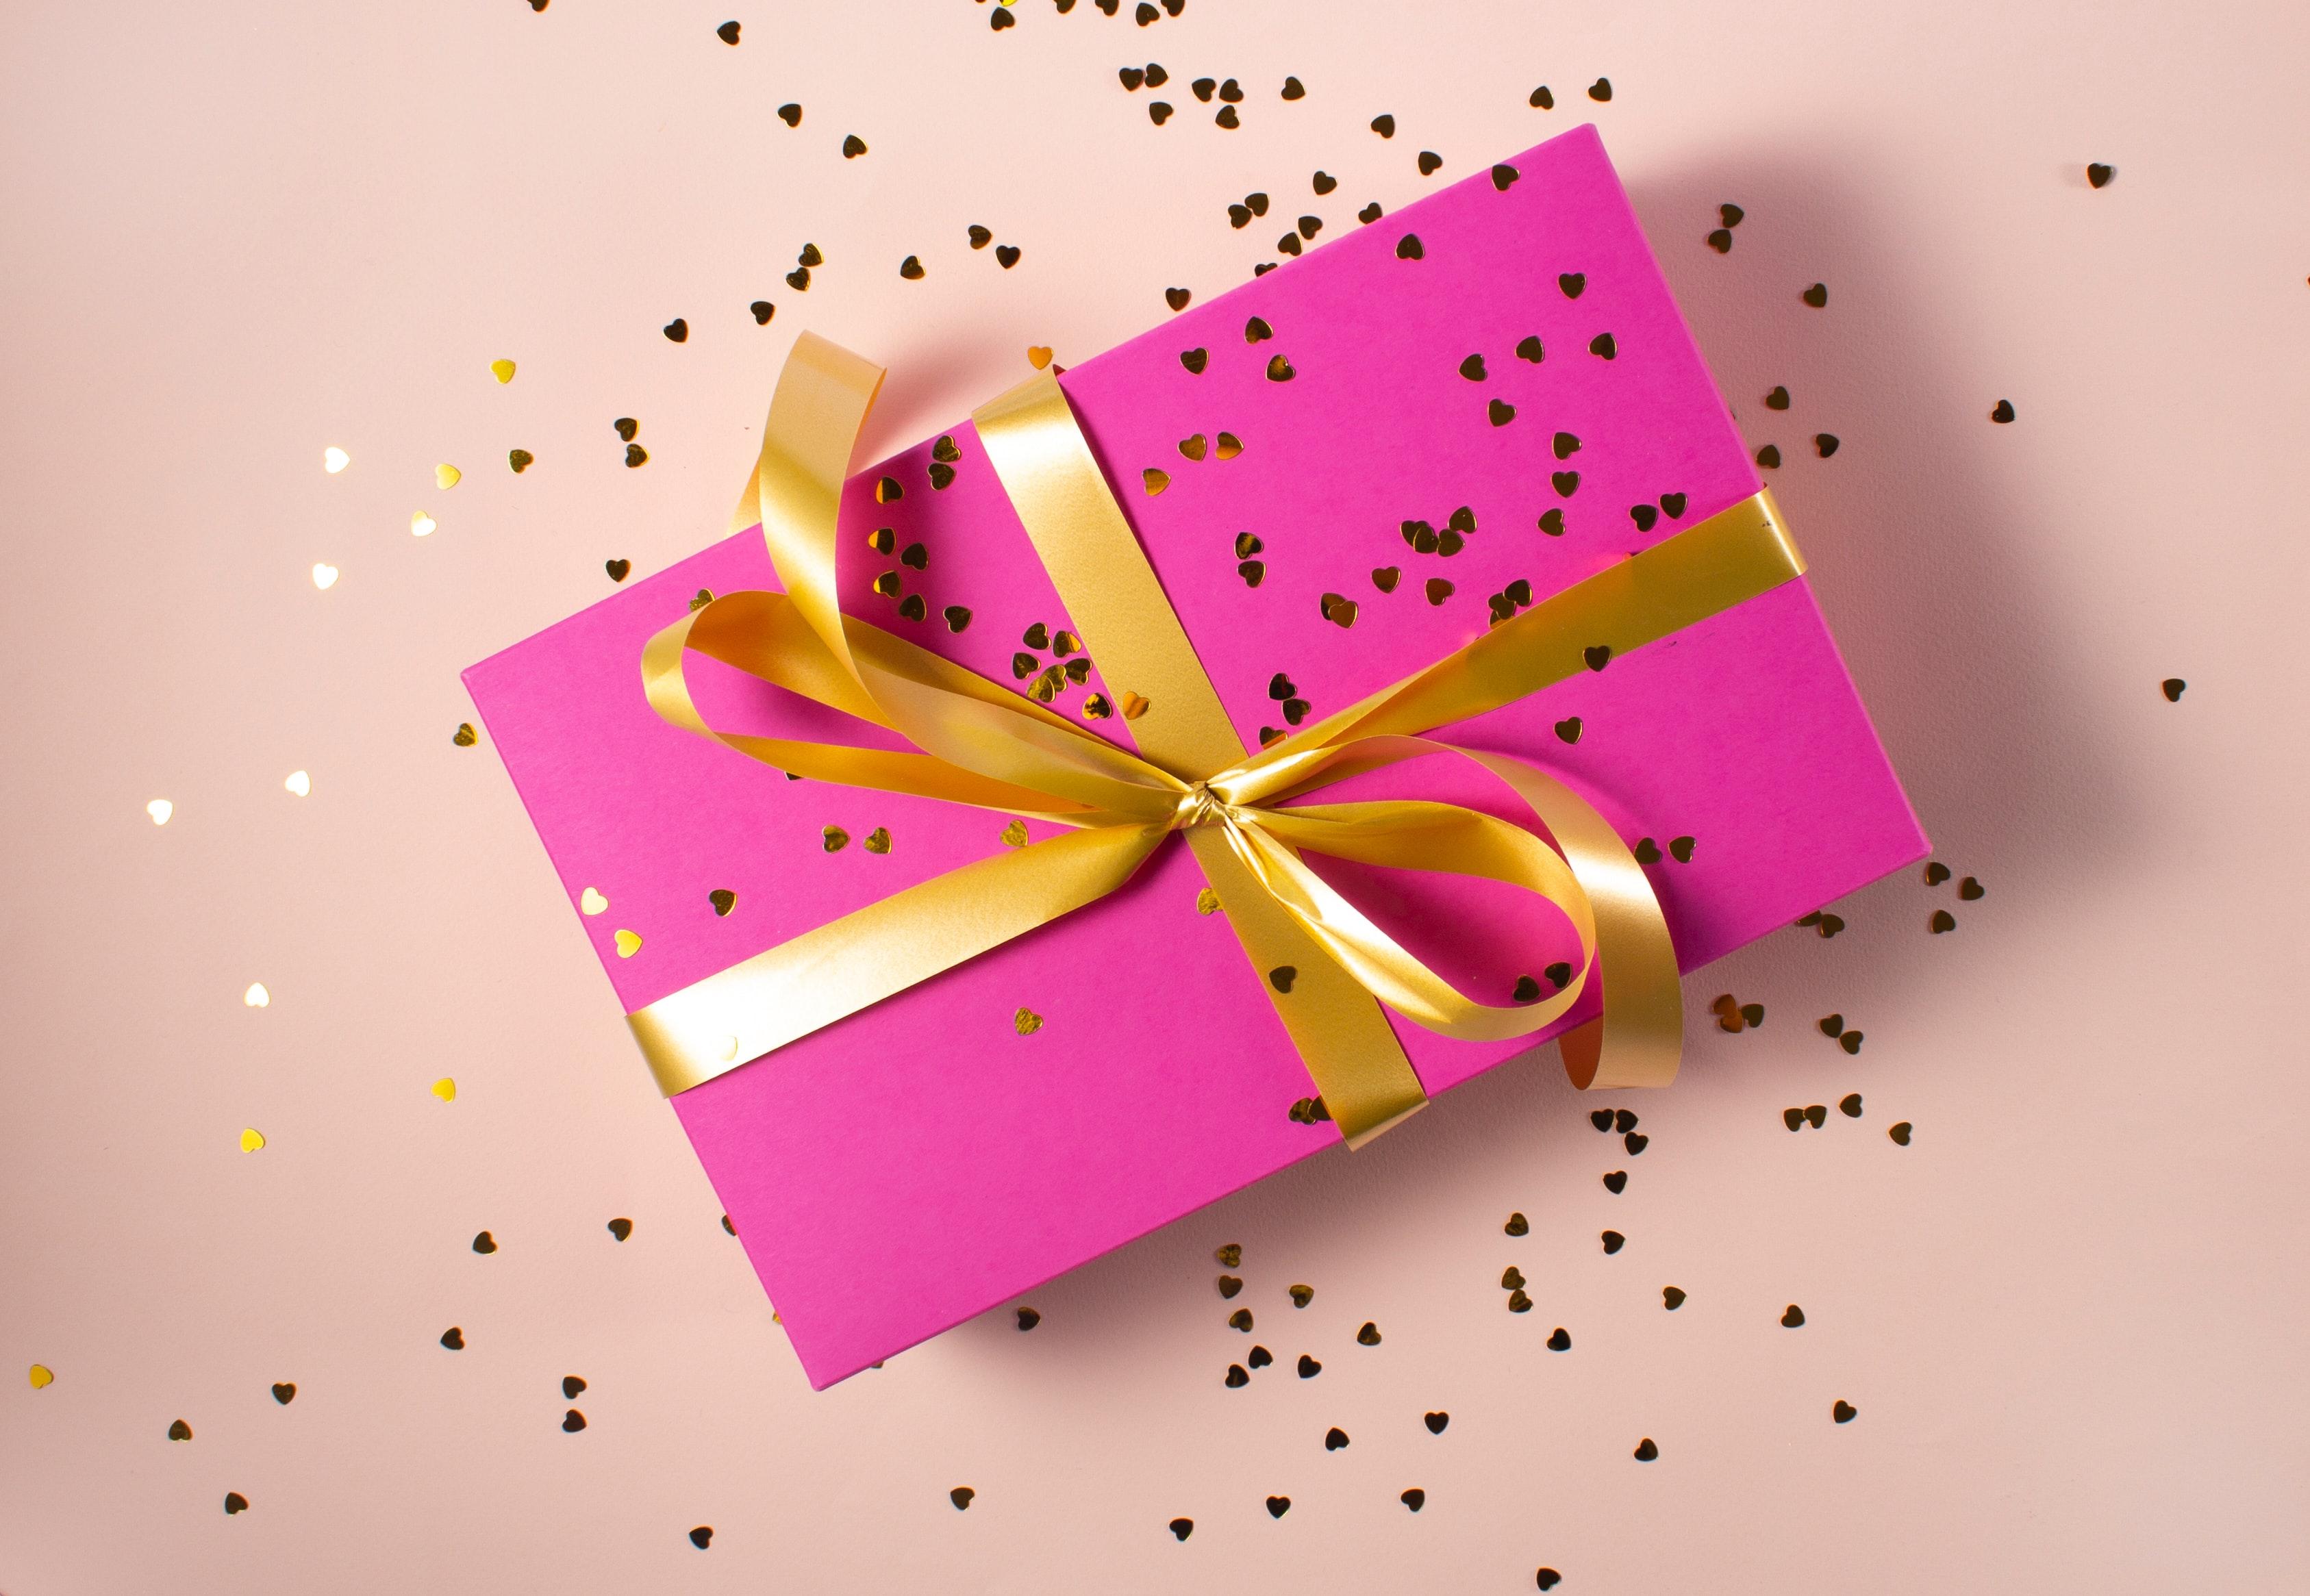 Un cadeau rose